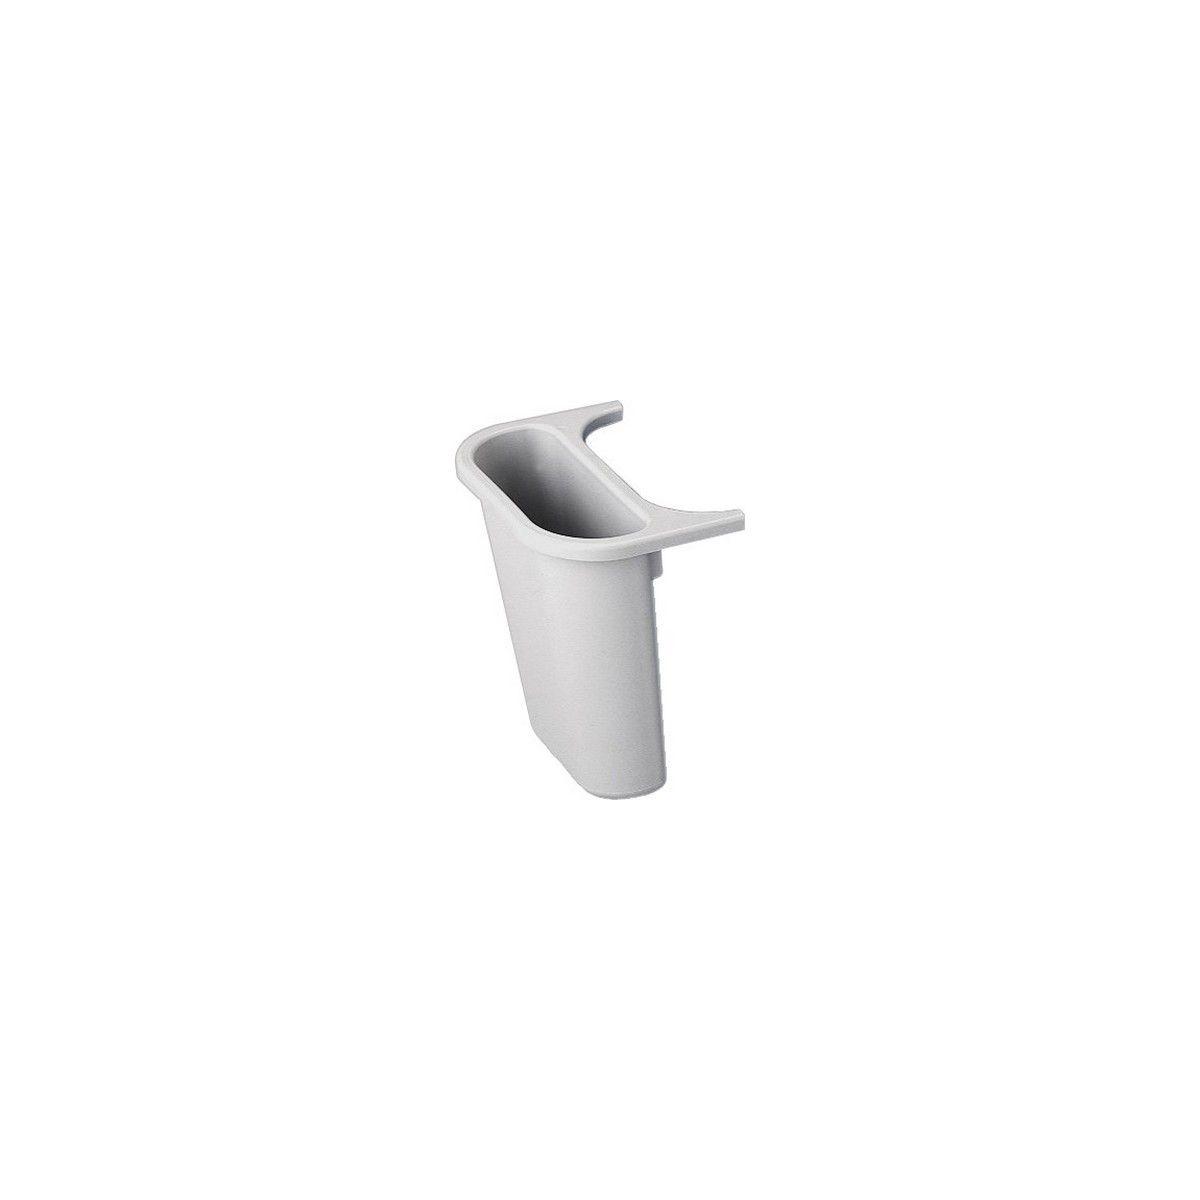 Poubelle manuelle NEWELL RUBBERMAID bac gris 4.5l pr corbeille tri (photo)